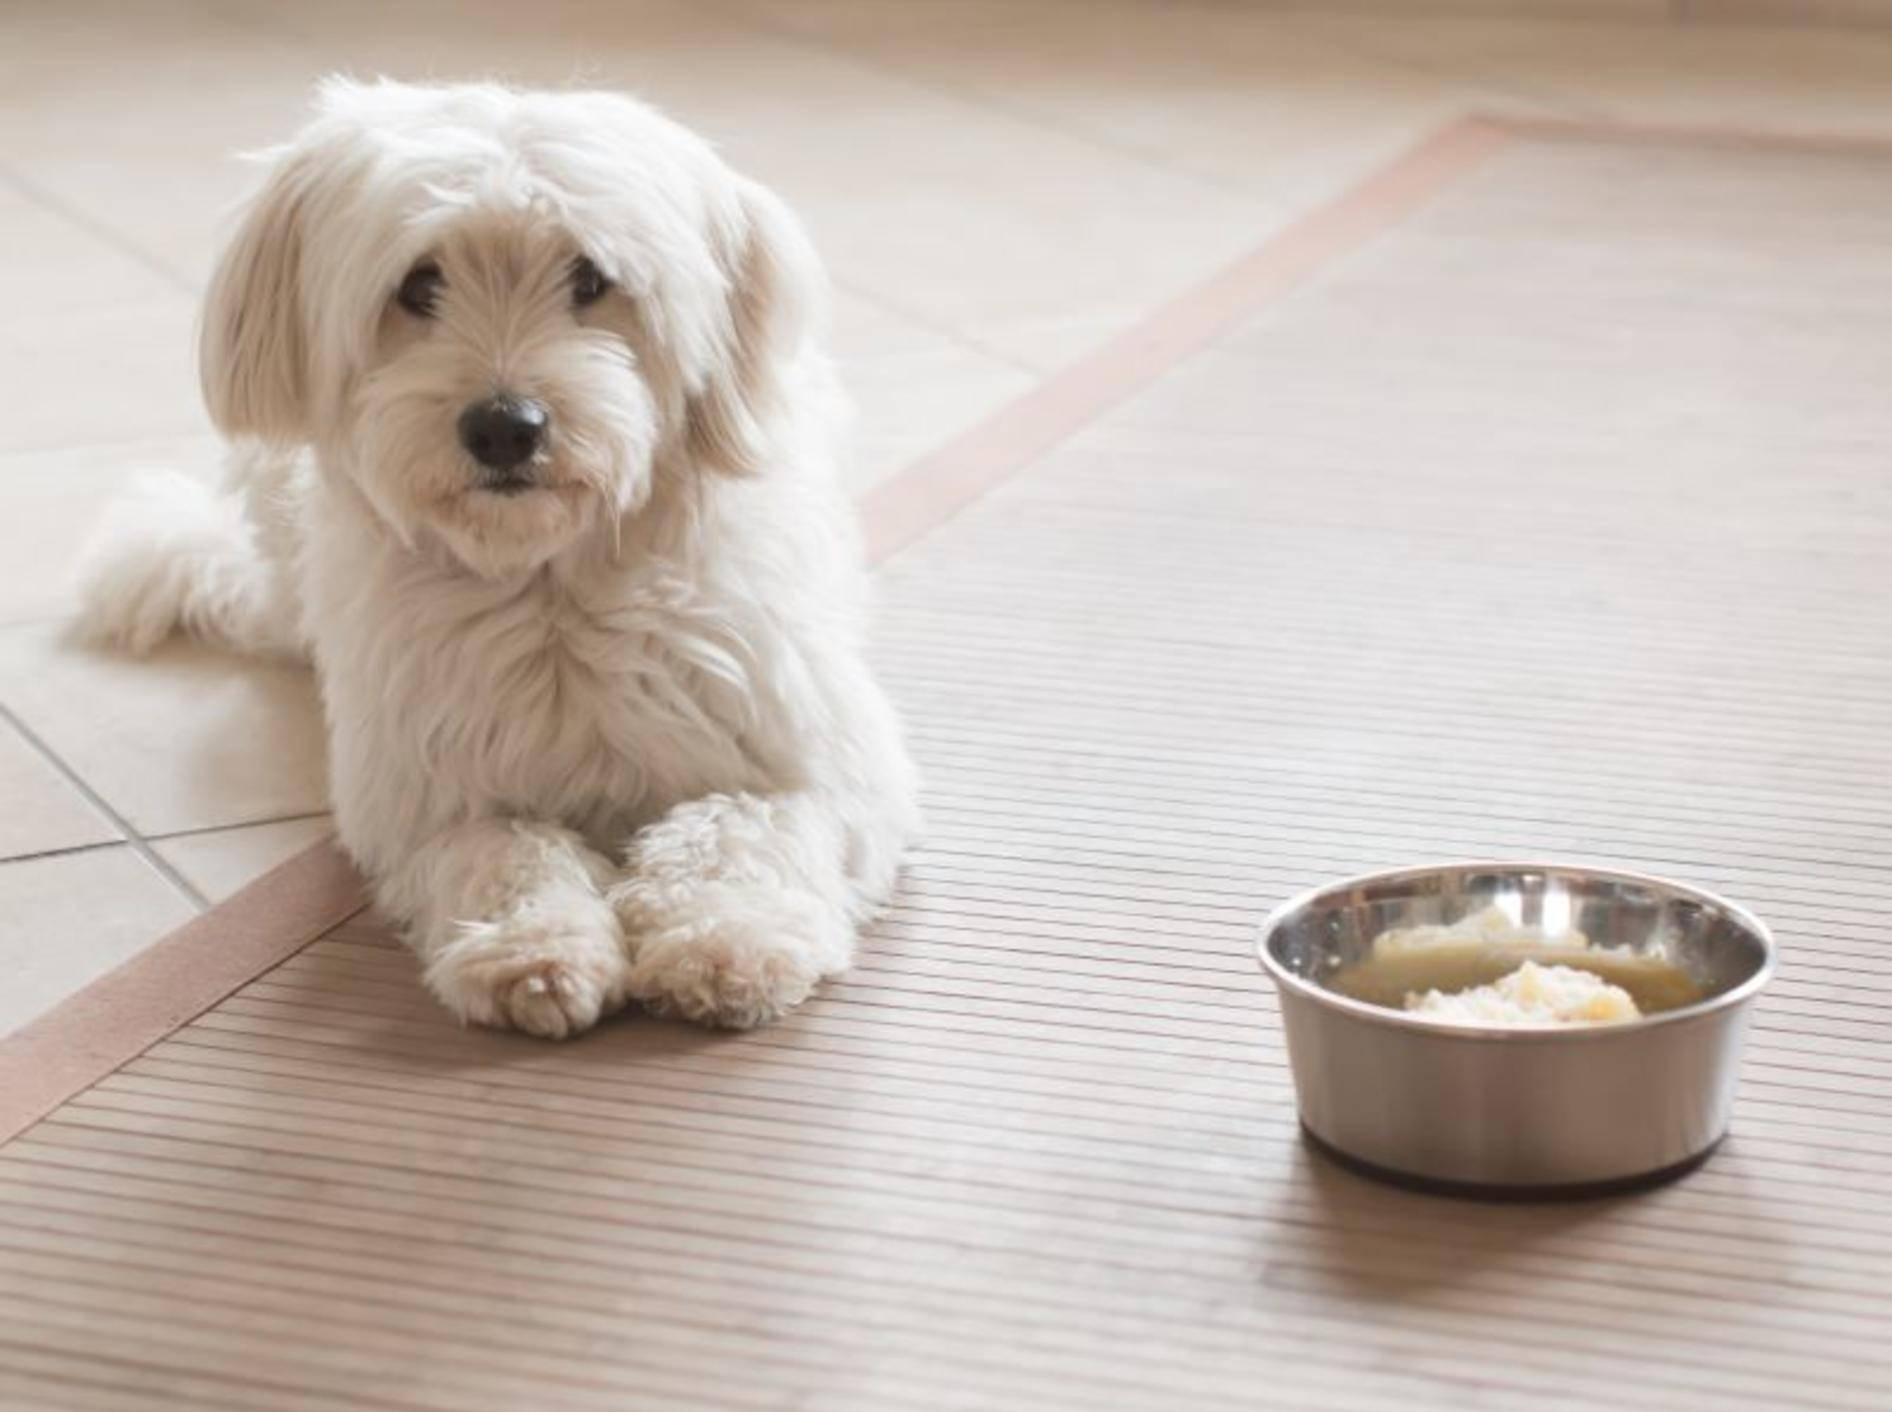 Schonkost für Hunde selber kochen: Reis, Kartoffeln und Hühnchen eignen sich für die Zubereitung — Bild: Shutterstock / Cryber